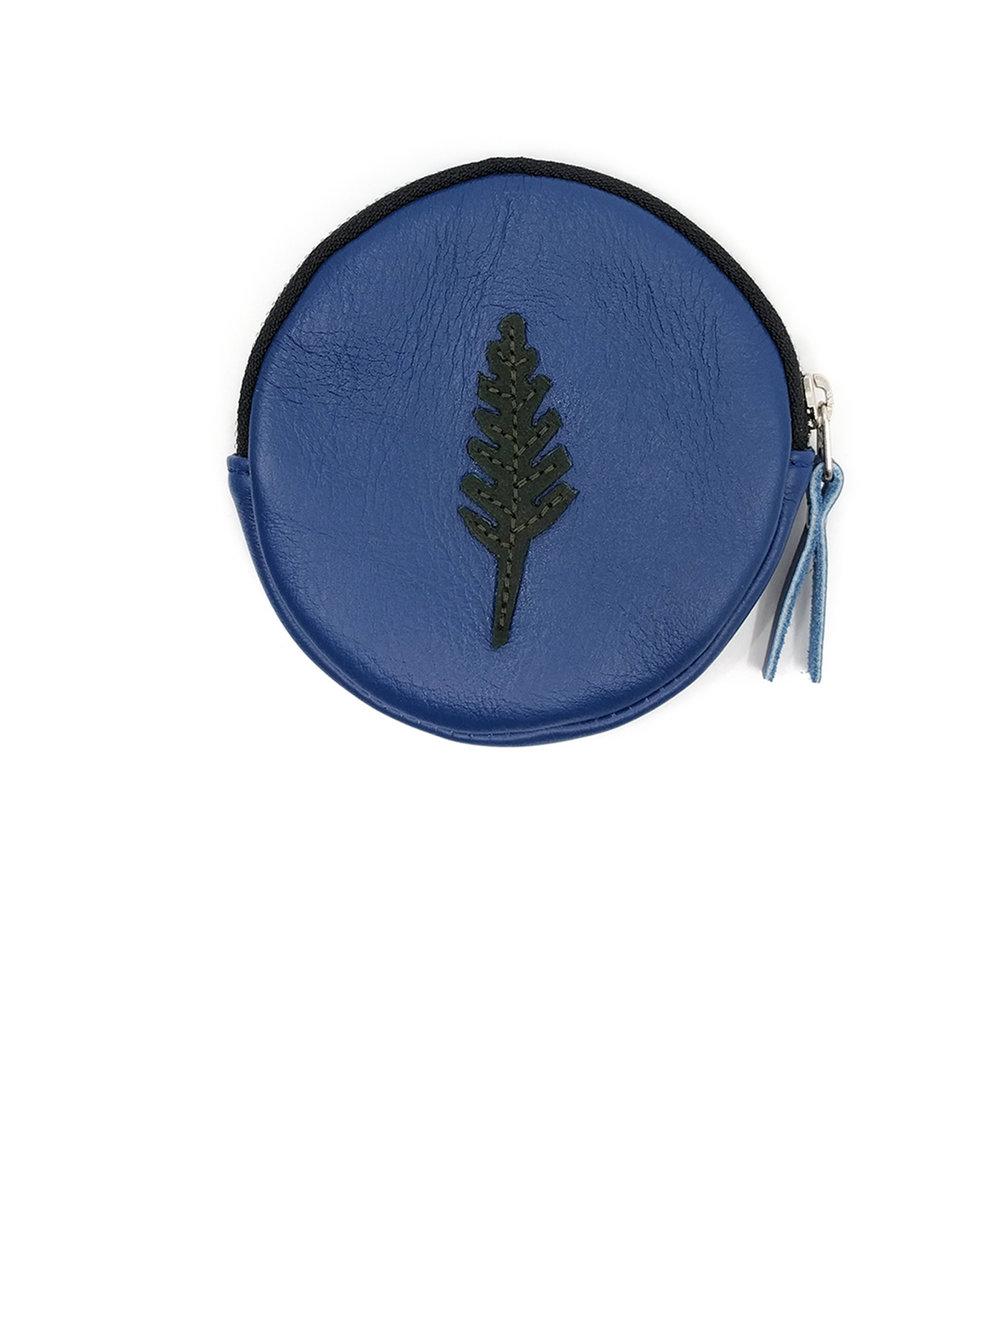 Porte-monnaie - plusieurs couleurs disponibles30.00$ -36.00$